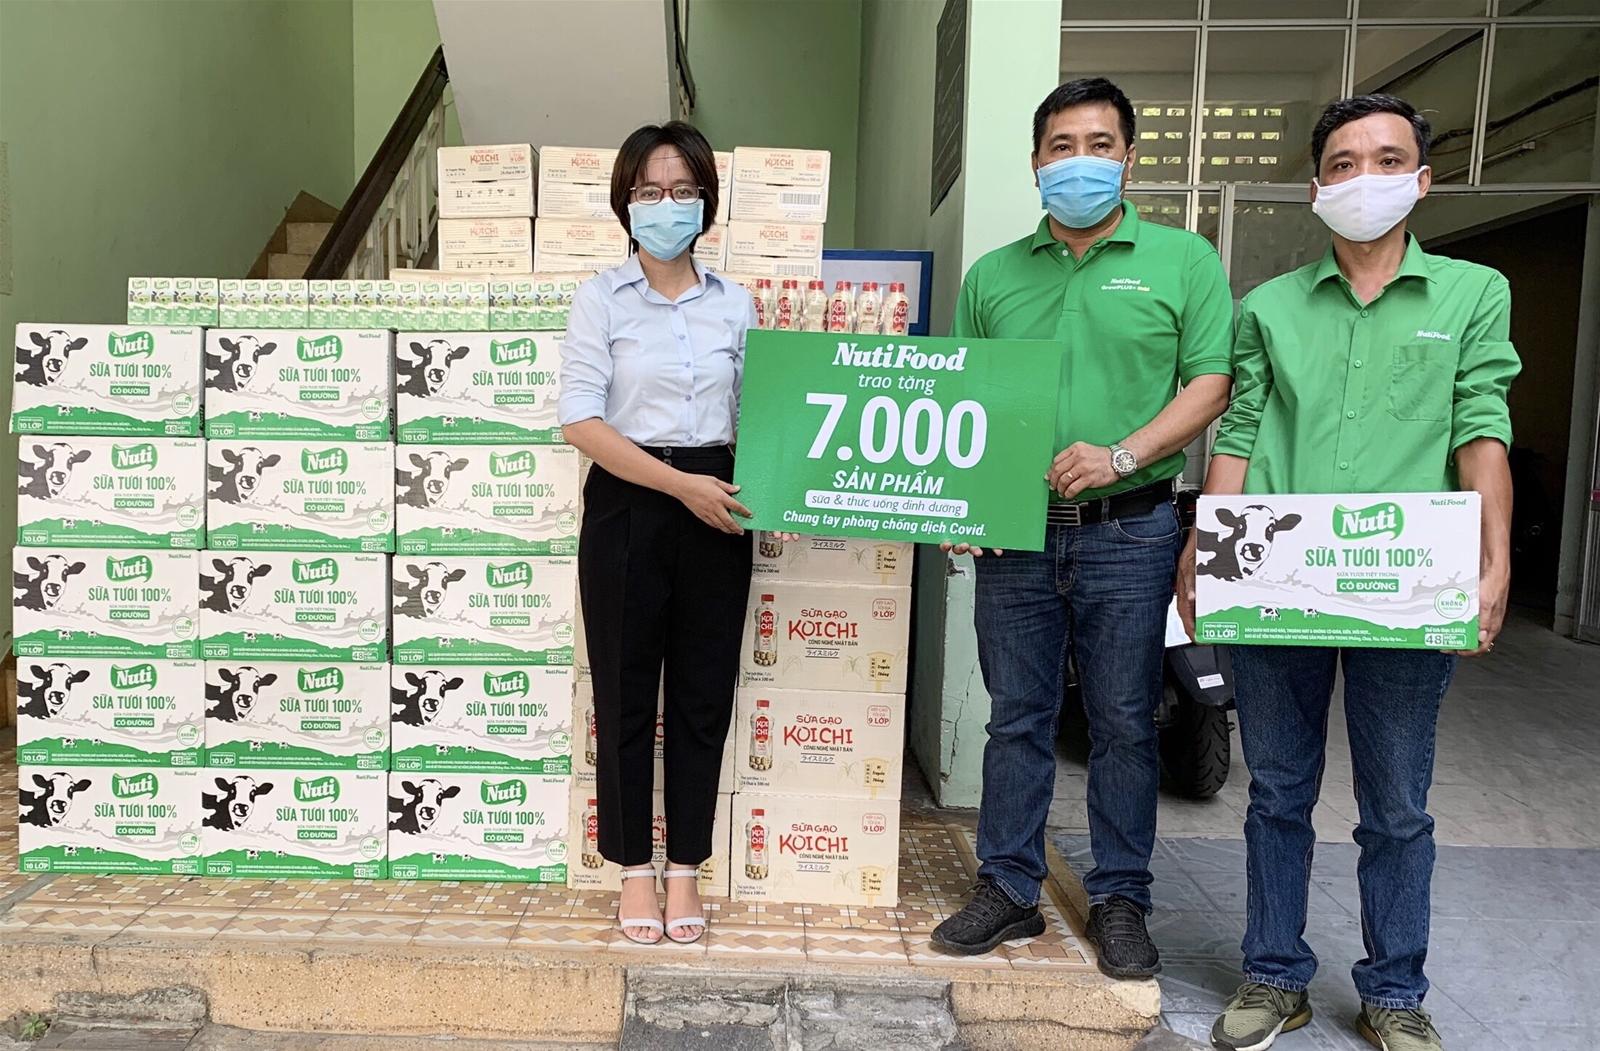 NutiFood tặng 7.000 sản phẩm sữa và thức uống dinh dưỡng cho 3 BV tại Đà Nẵng